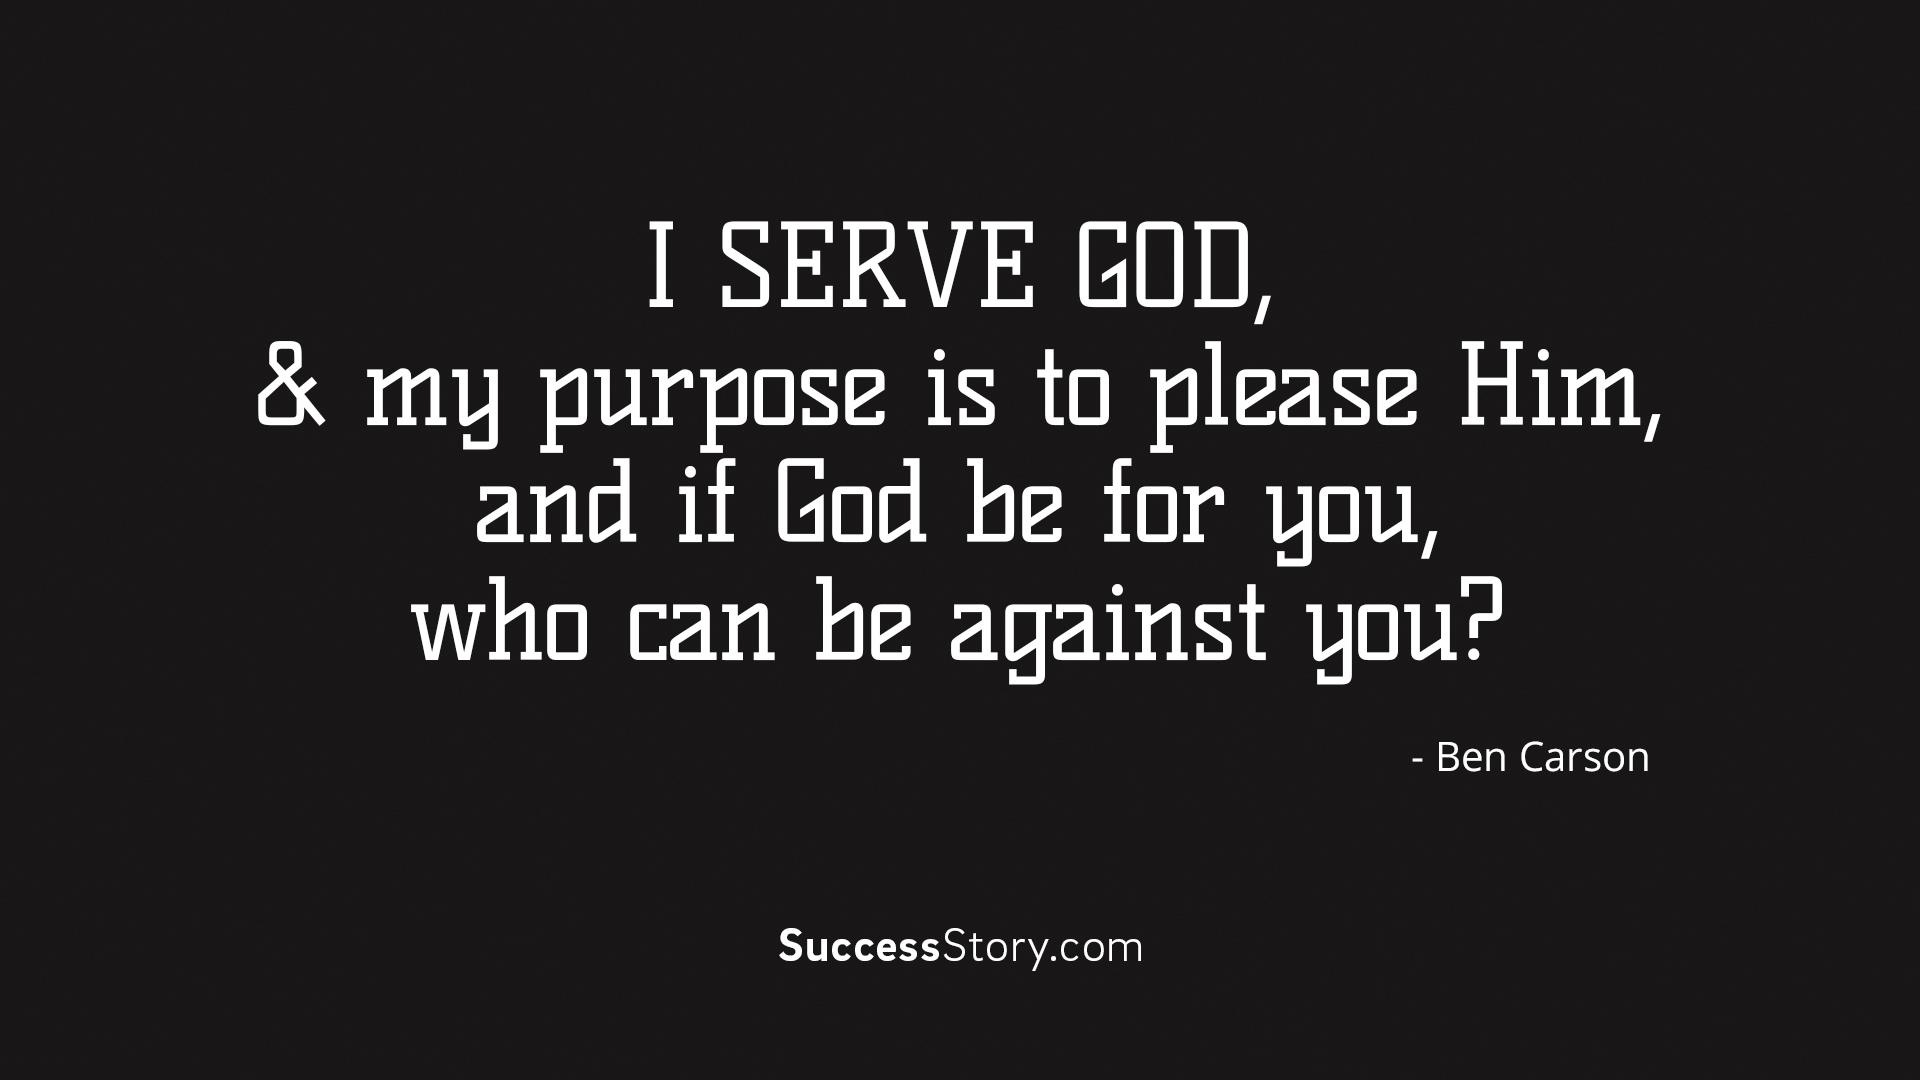 I serve God, an